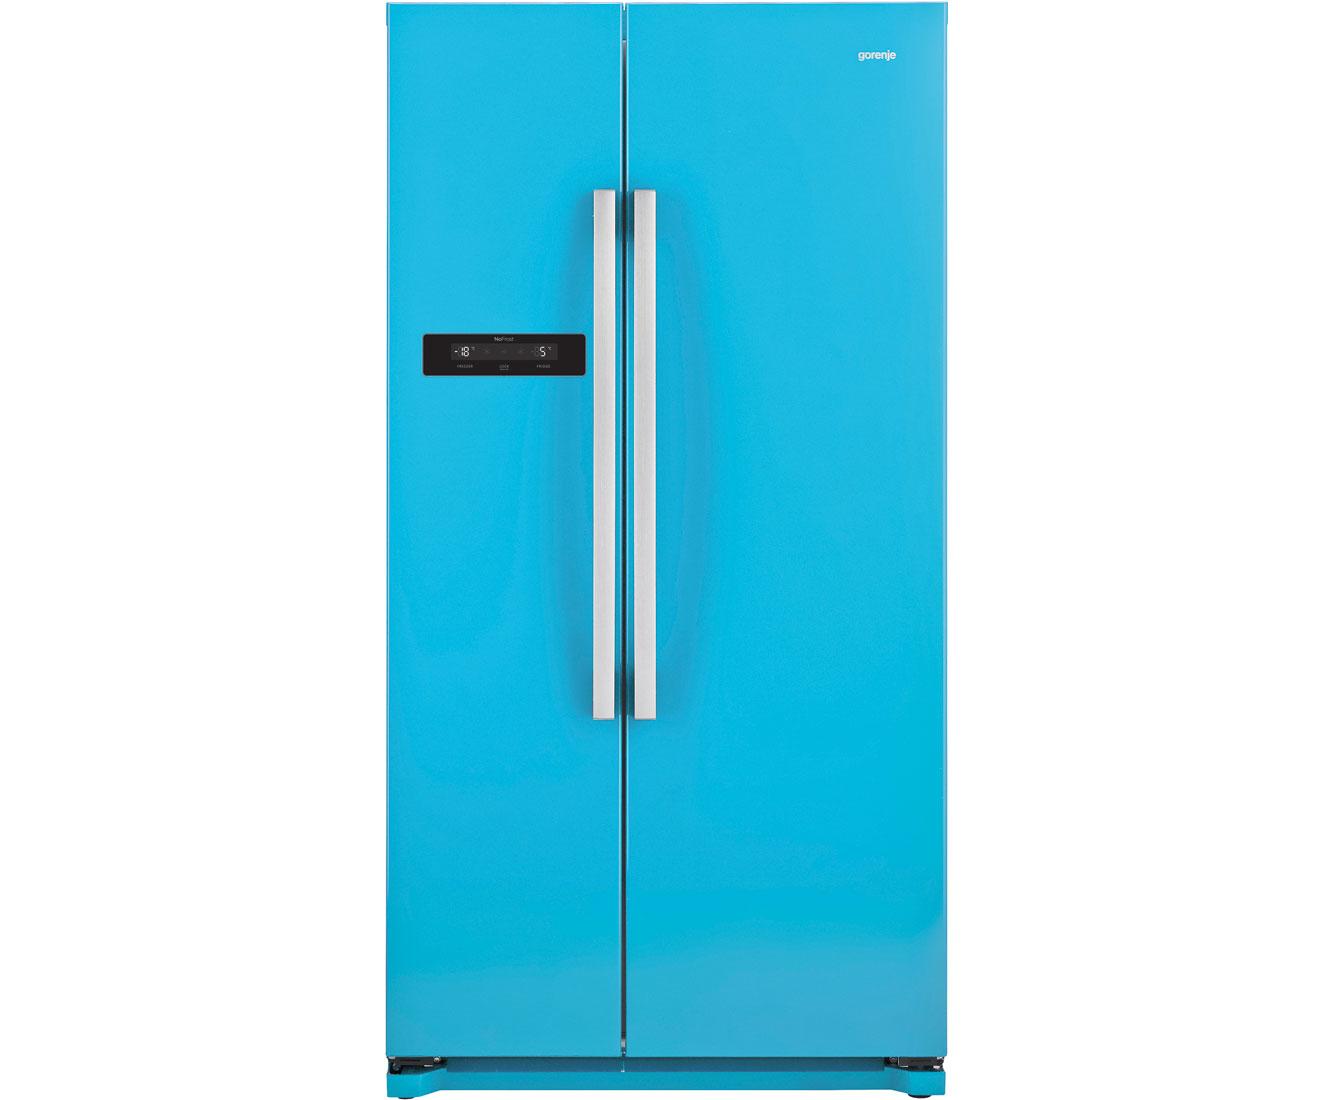 Amerikanischer Kühlschrank Gorenje : Gorenje nrs9182bbl amerikanischer side by side 577l blau a